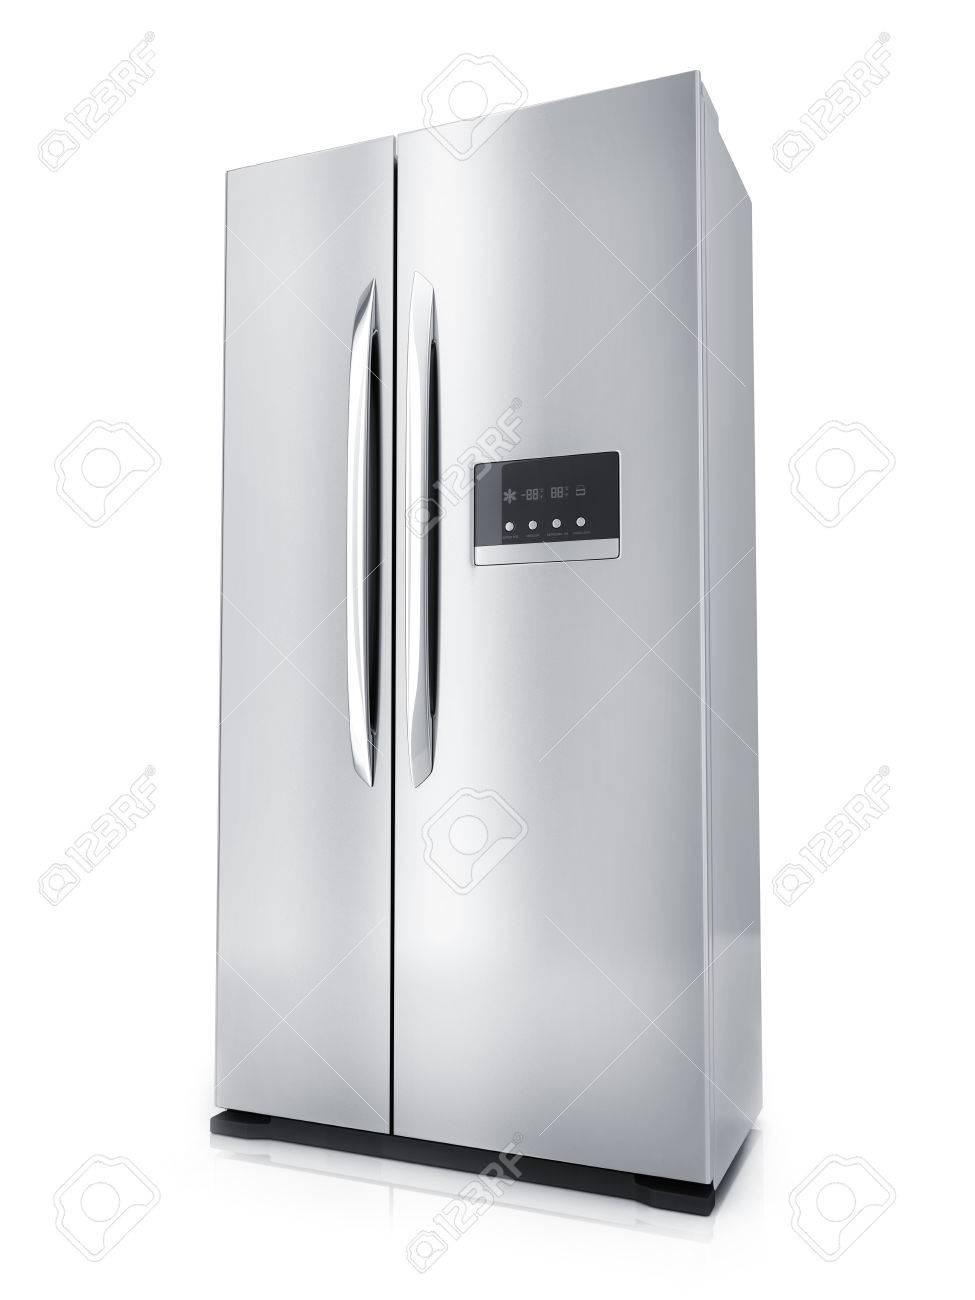 Moderner Großer Kühlschrank Auf Weißem Hintergrund (getan In Der ...